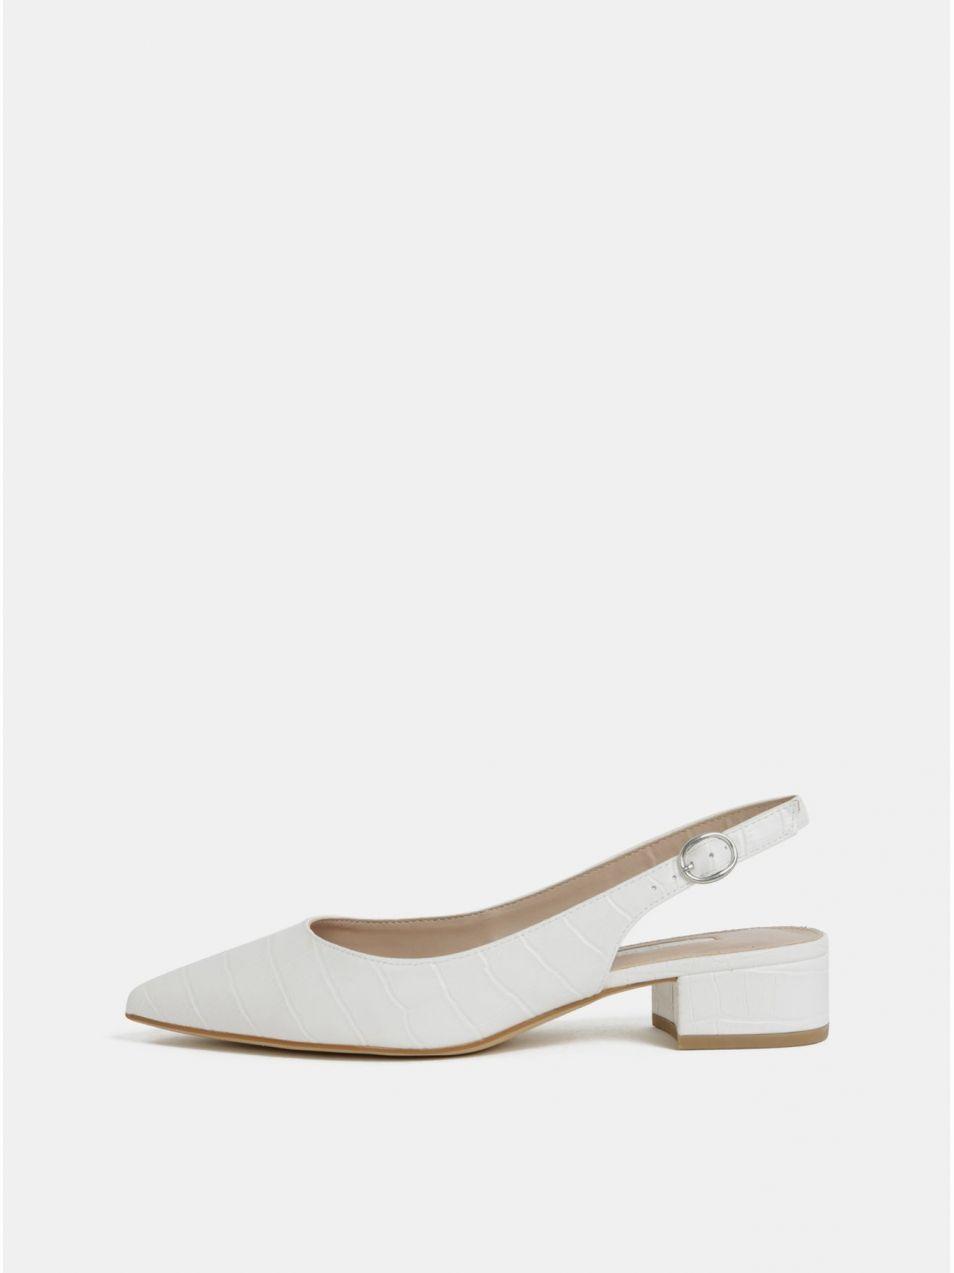 5e7765c70385 Biele sandálky s krokodílím vzorom Dorothy Perkins značky Dorothy Perkins -  Lovely.sk